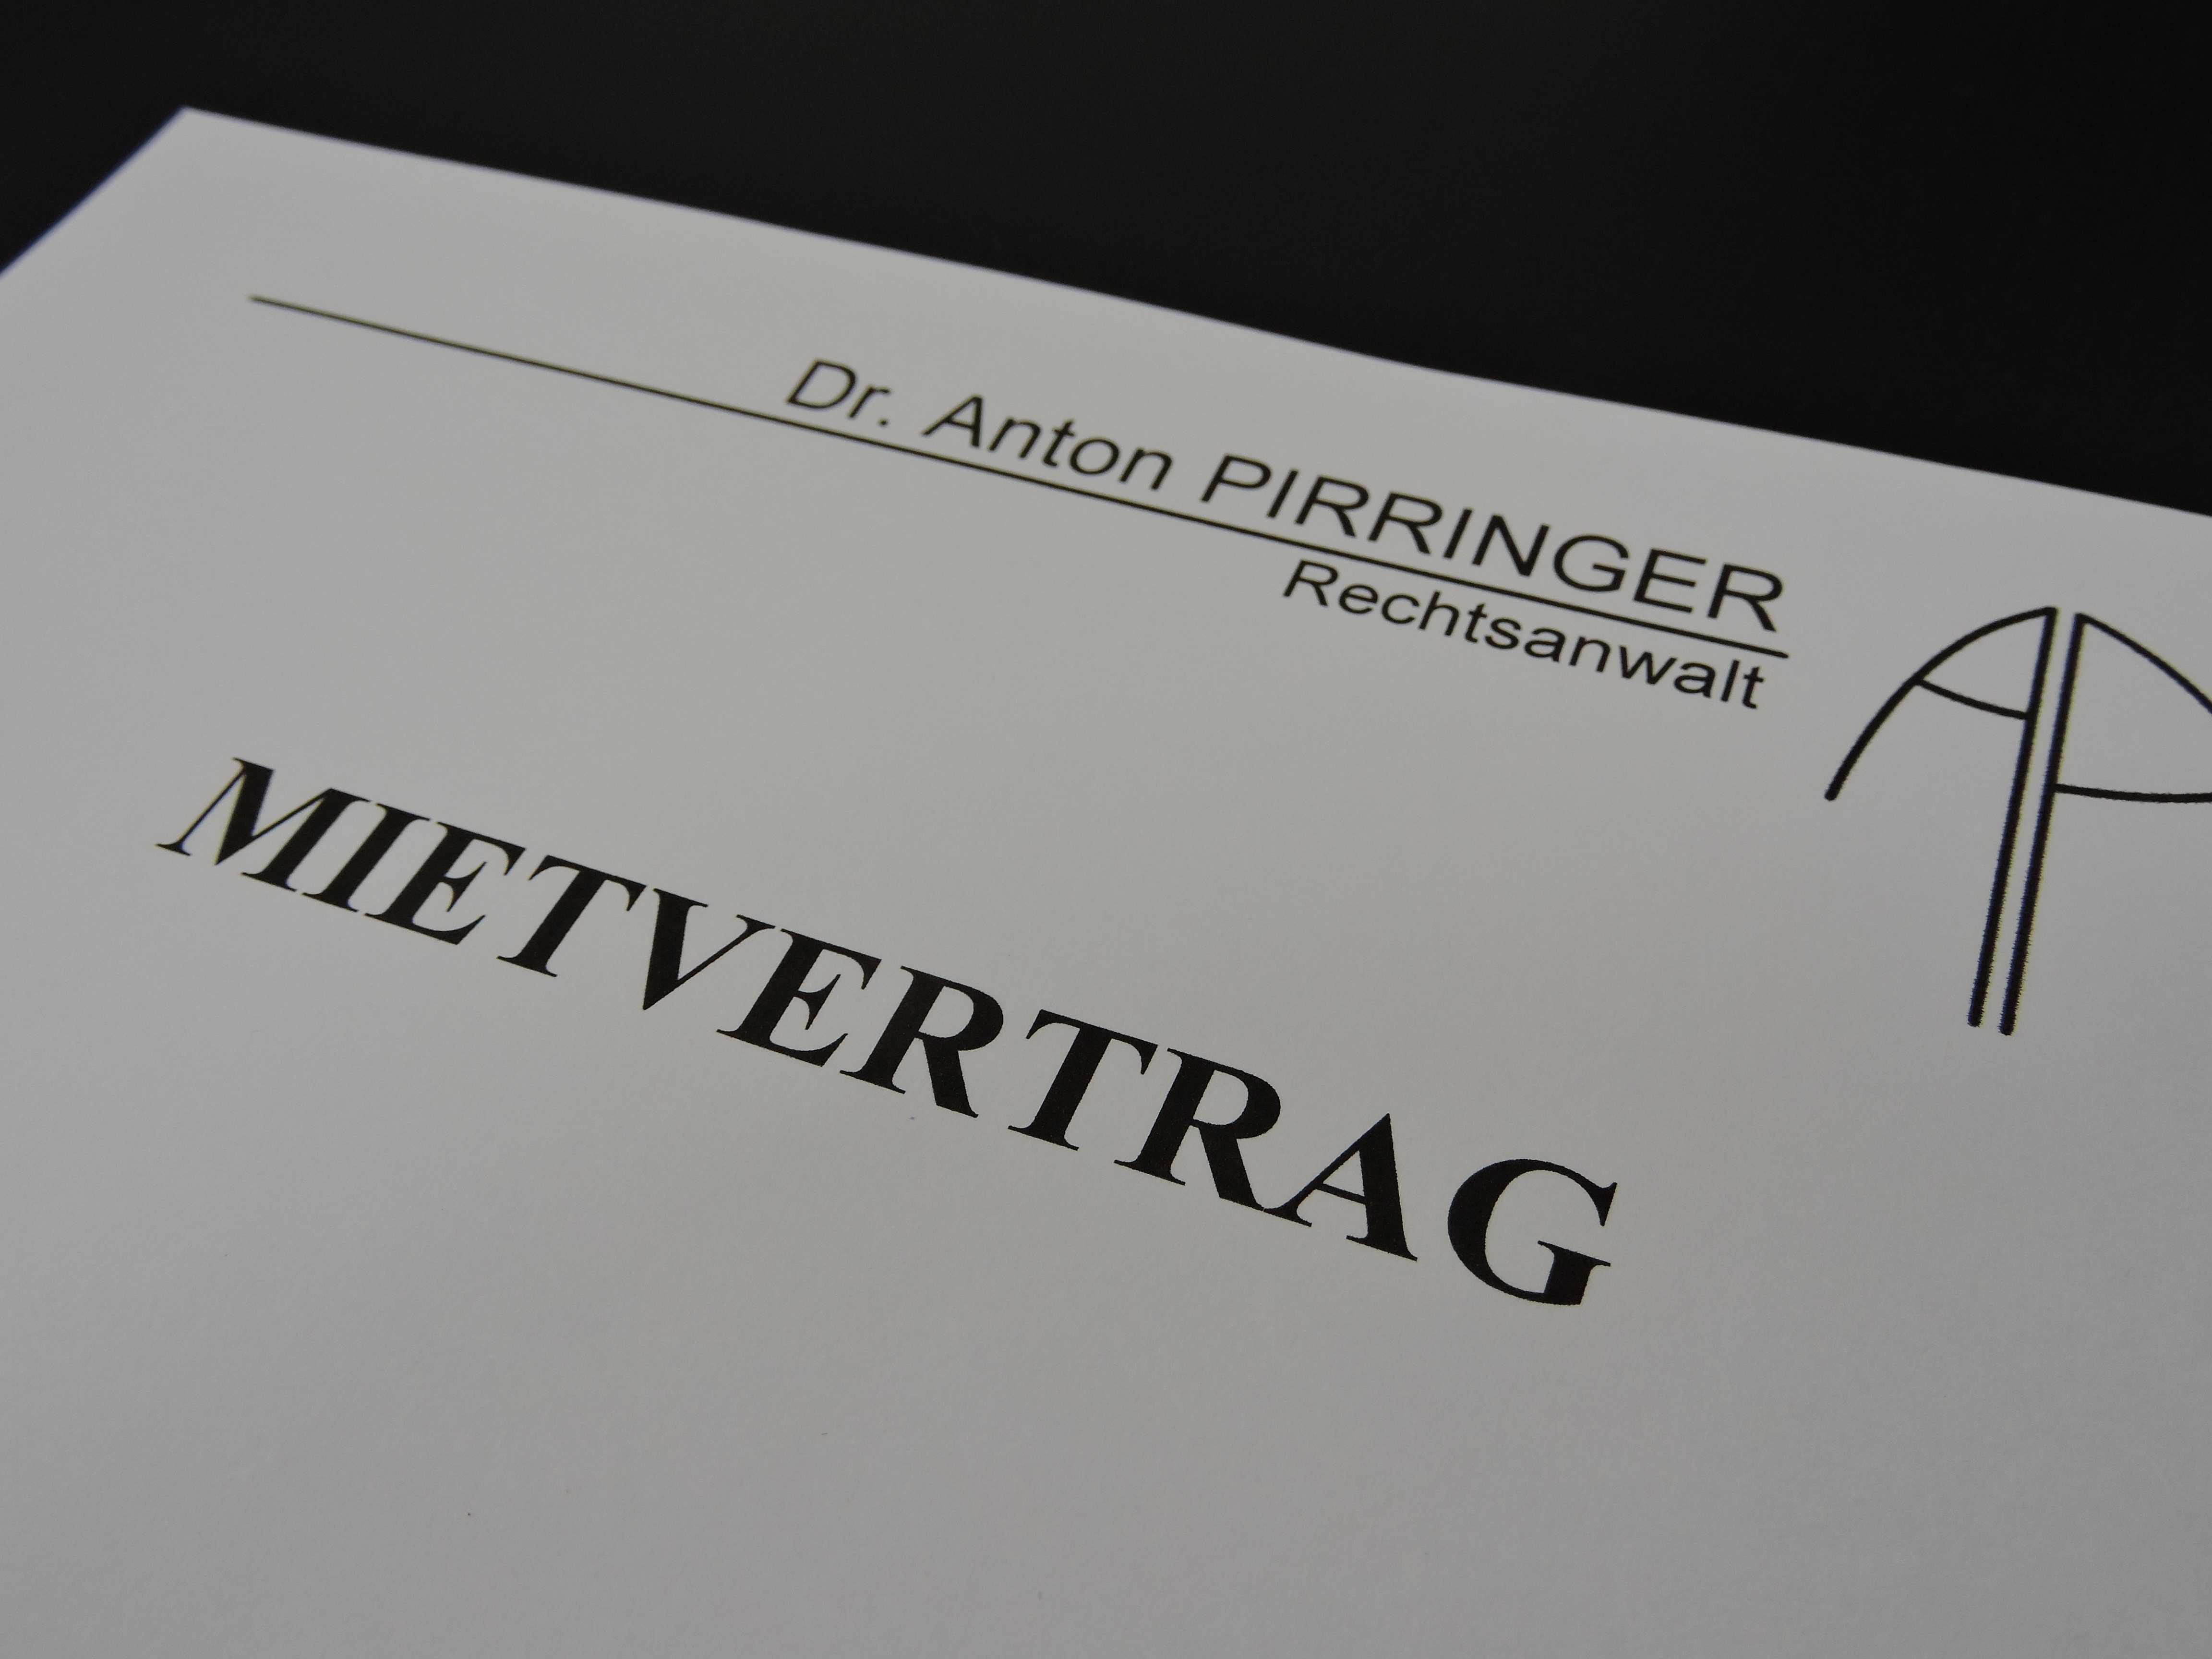 Mietvertrag Rechtsanwaltskanzlei Anwalt Dr. Anton Pirringer Bruck an der Leitha 2460